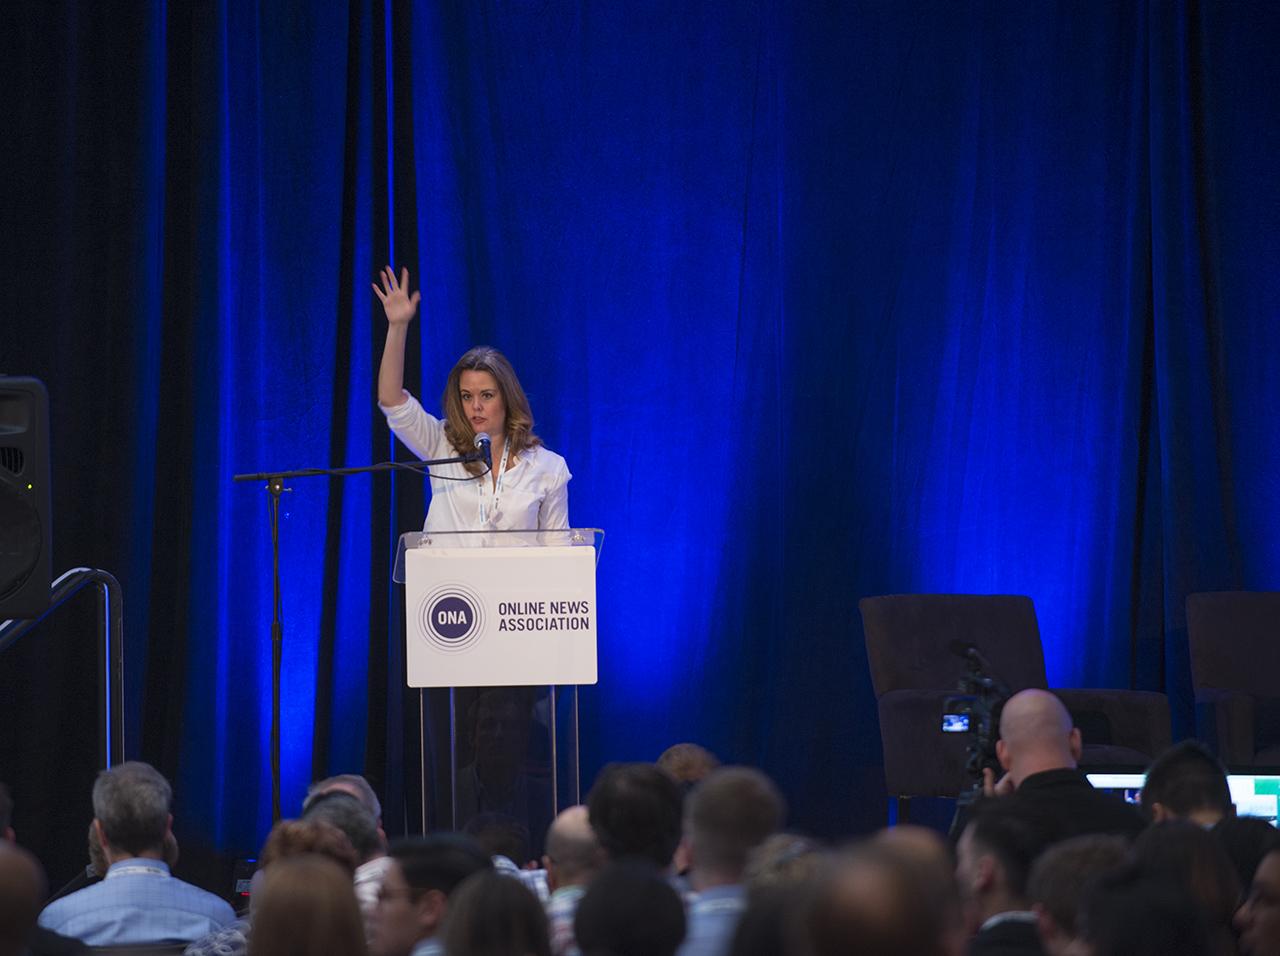 Meredith Artley, president of ONA